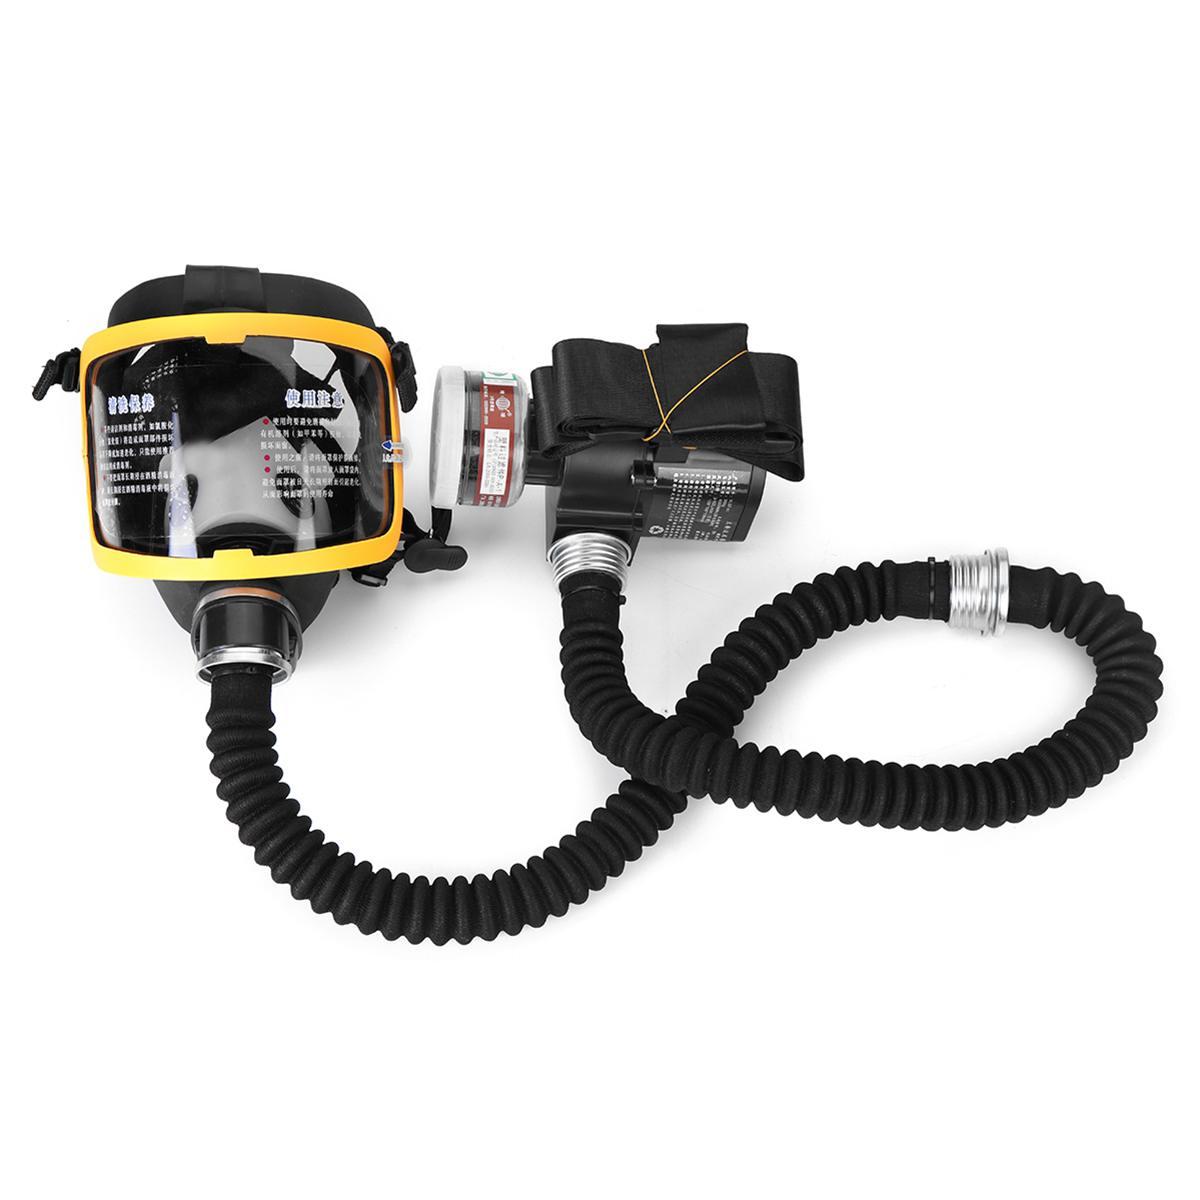 1 комплект электрическая постоянная подача воздуха подача Полный лицевой противогаз респиратор системы защитная маска бируши для работы